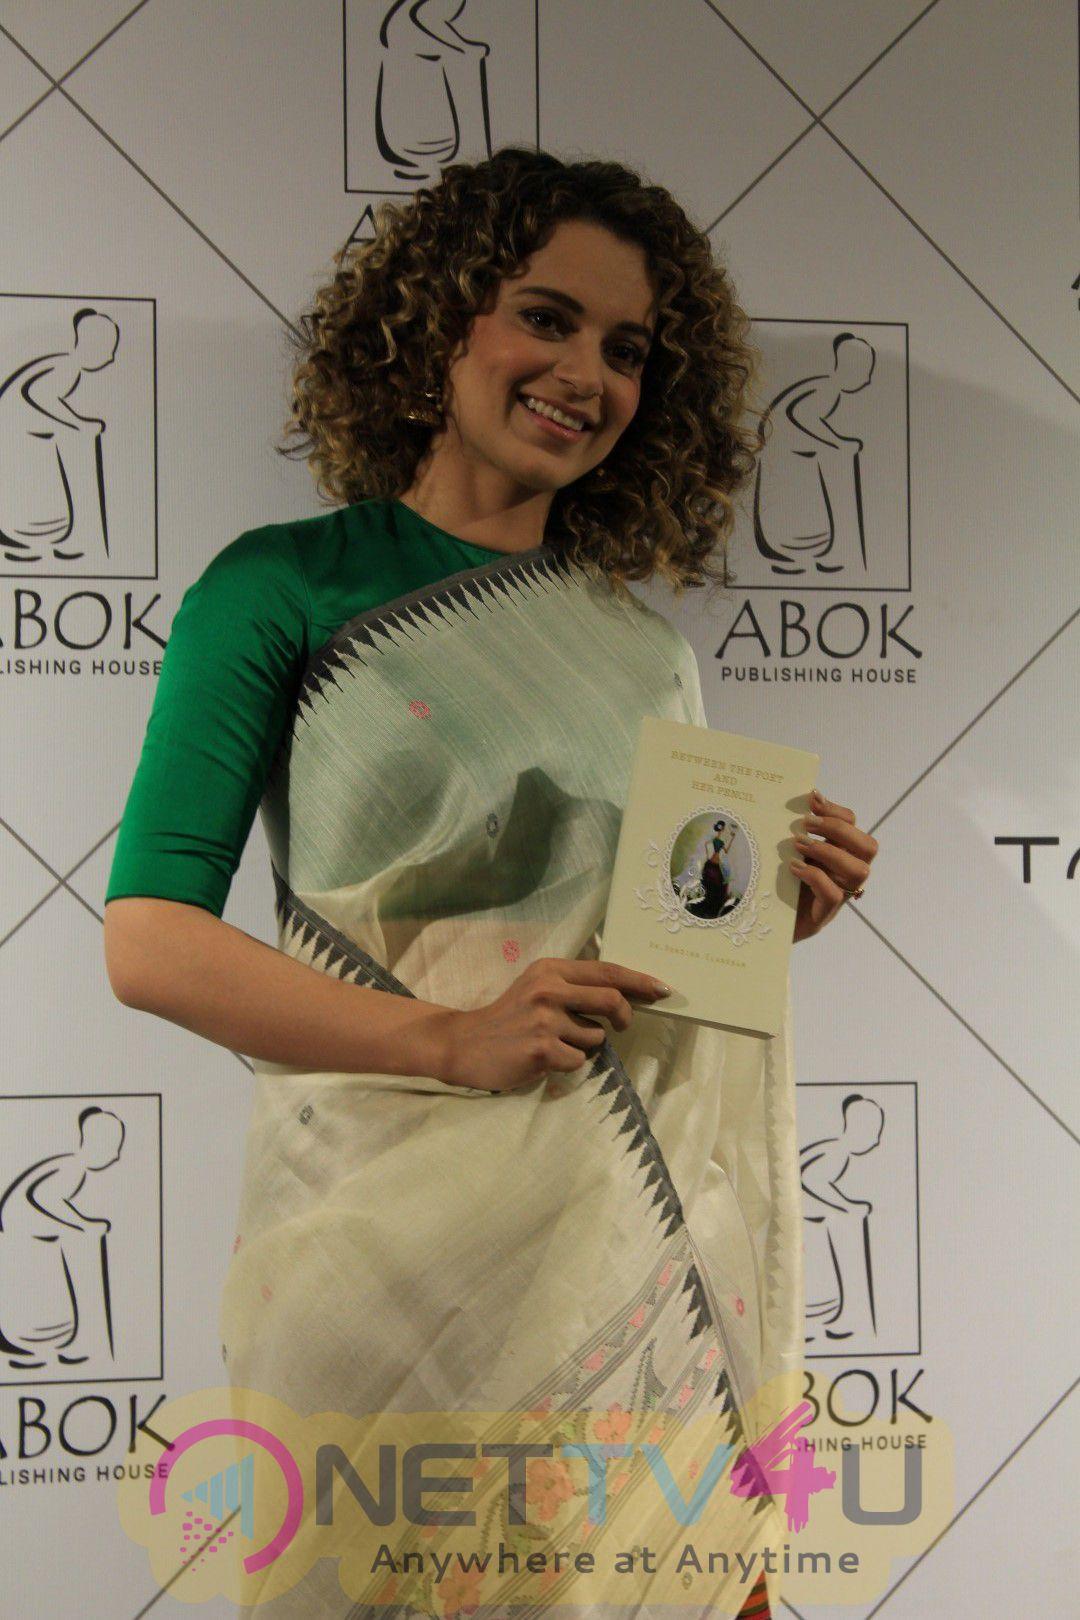 Kangana Ranaut Attends Book Launch For Her Dear Friend Photos